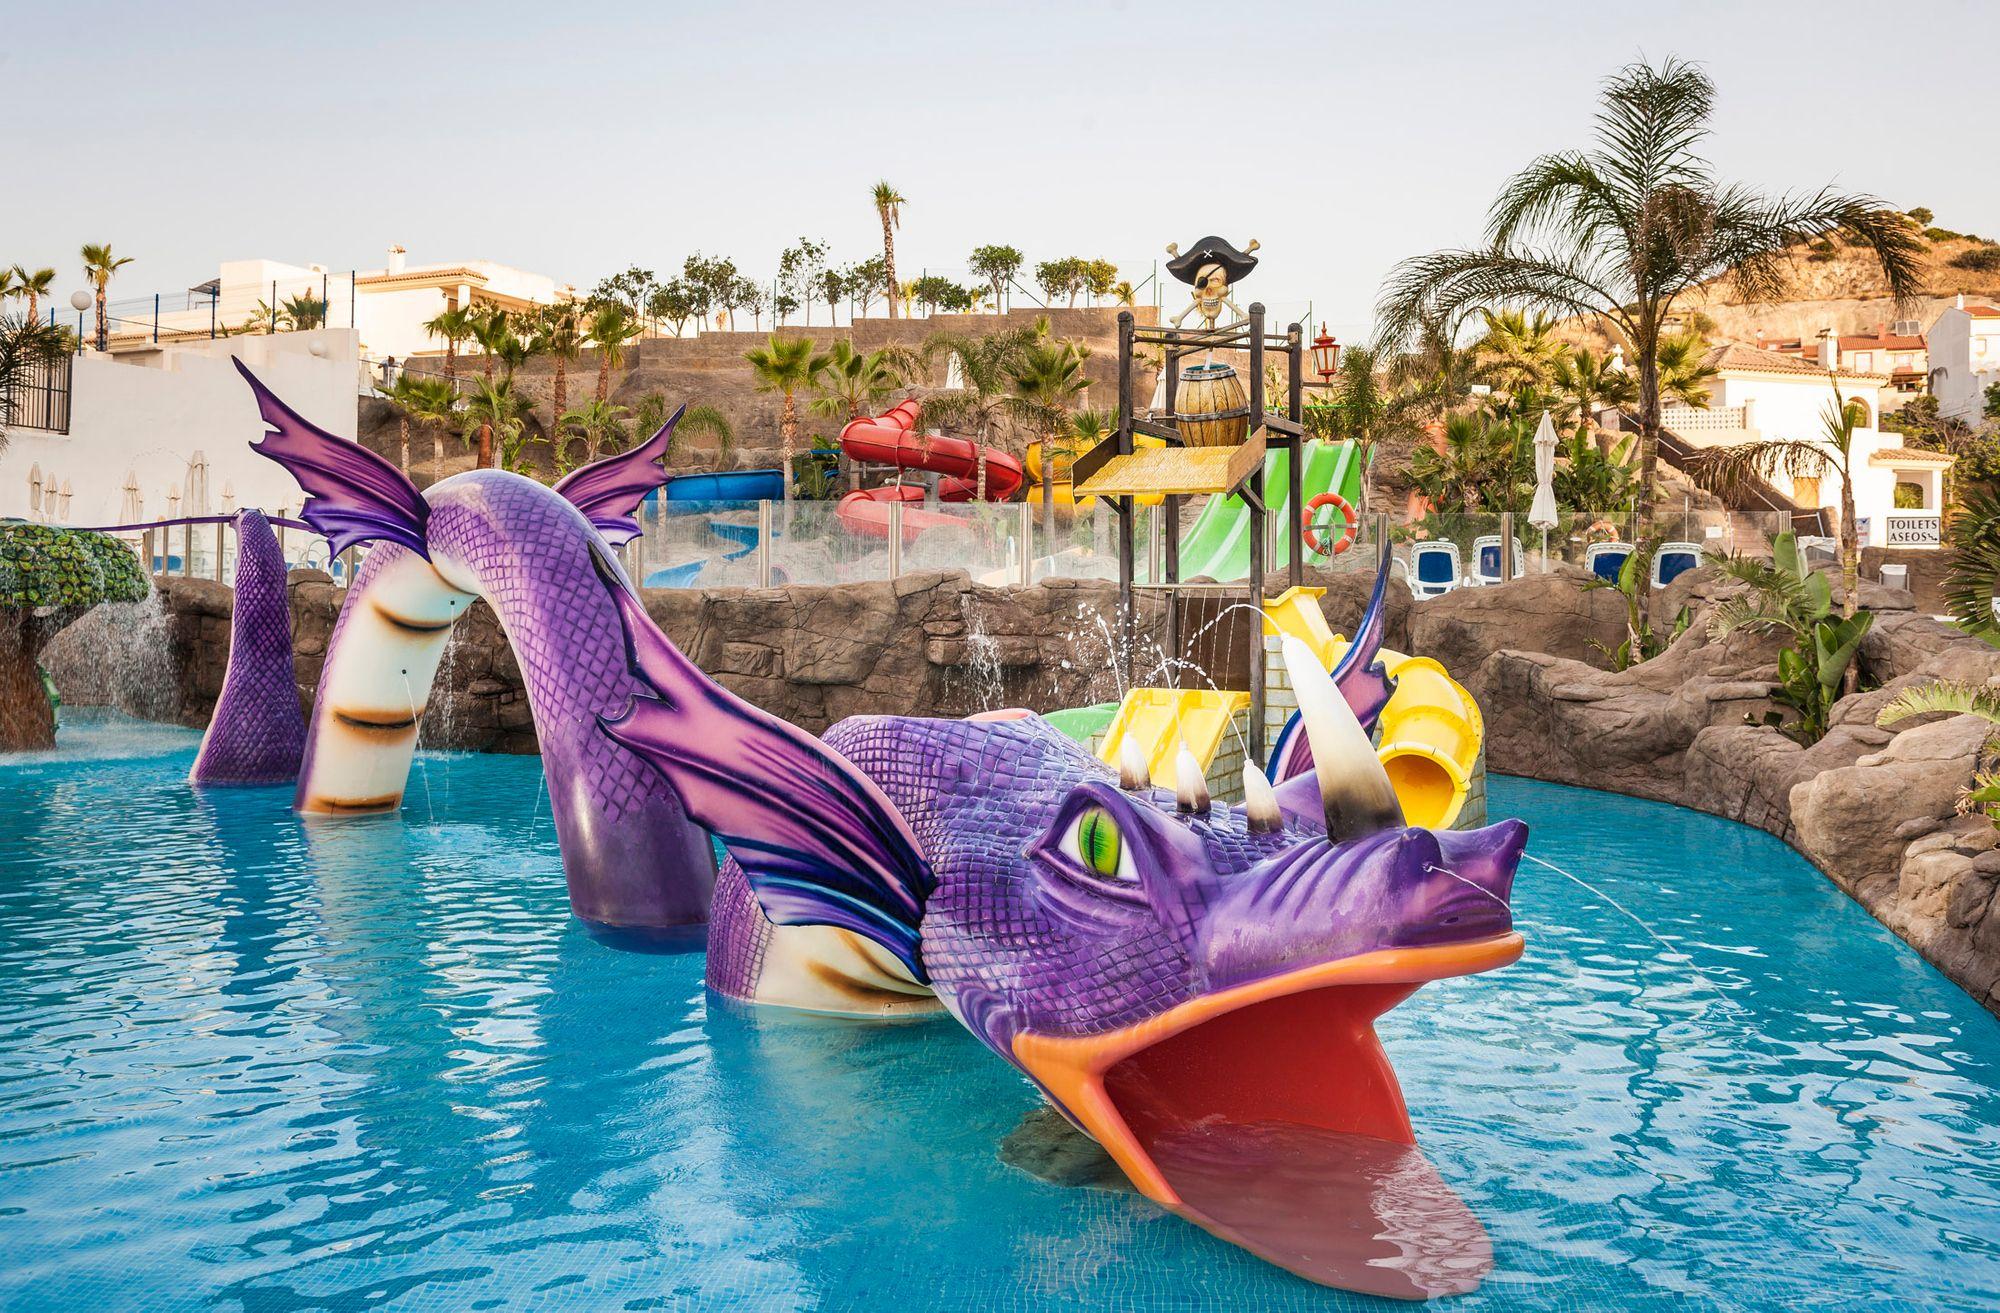 Piscinas De Nuestro Hotel En Málaga Globales Los Patos Park Pools At Our Hotel In Malaga Globales Los Patos Park Hotel Malagah Water Park Park Hotel Hotel